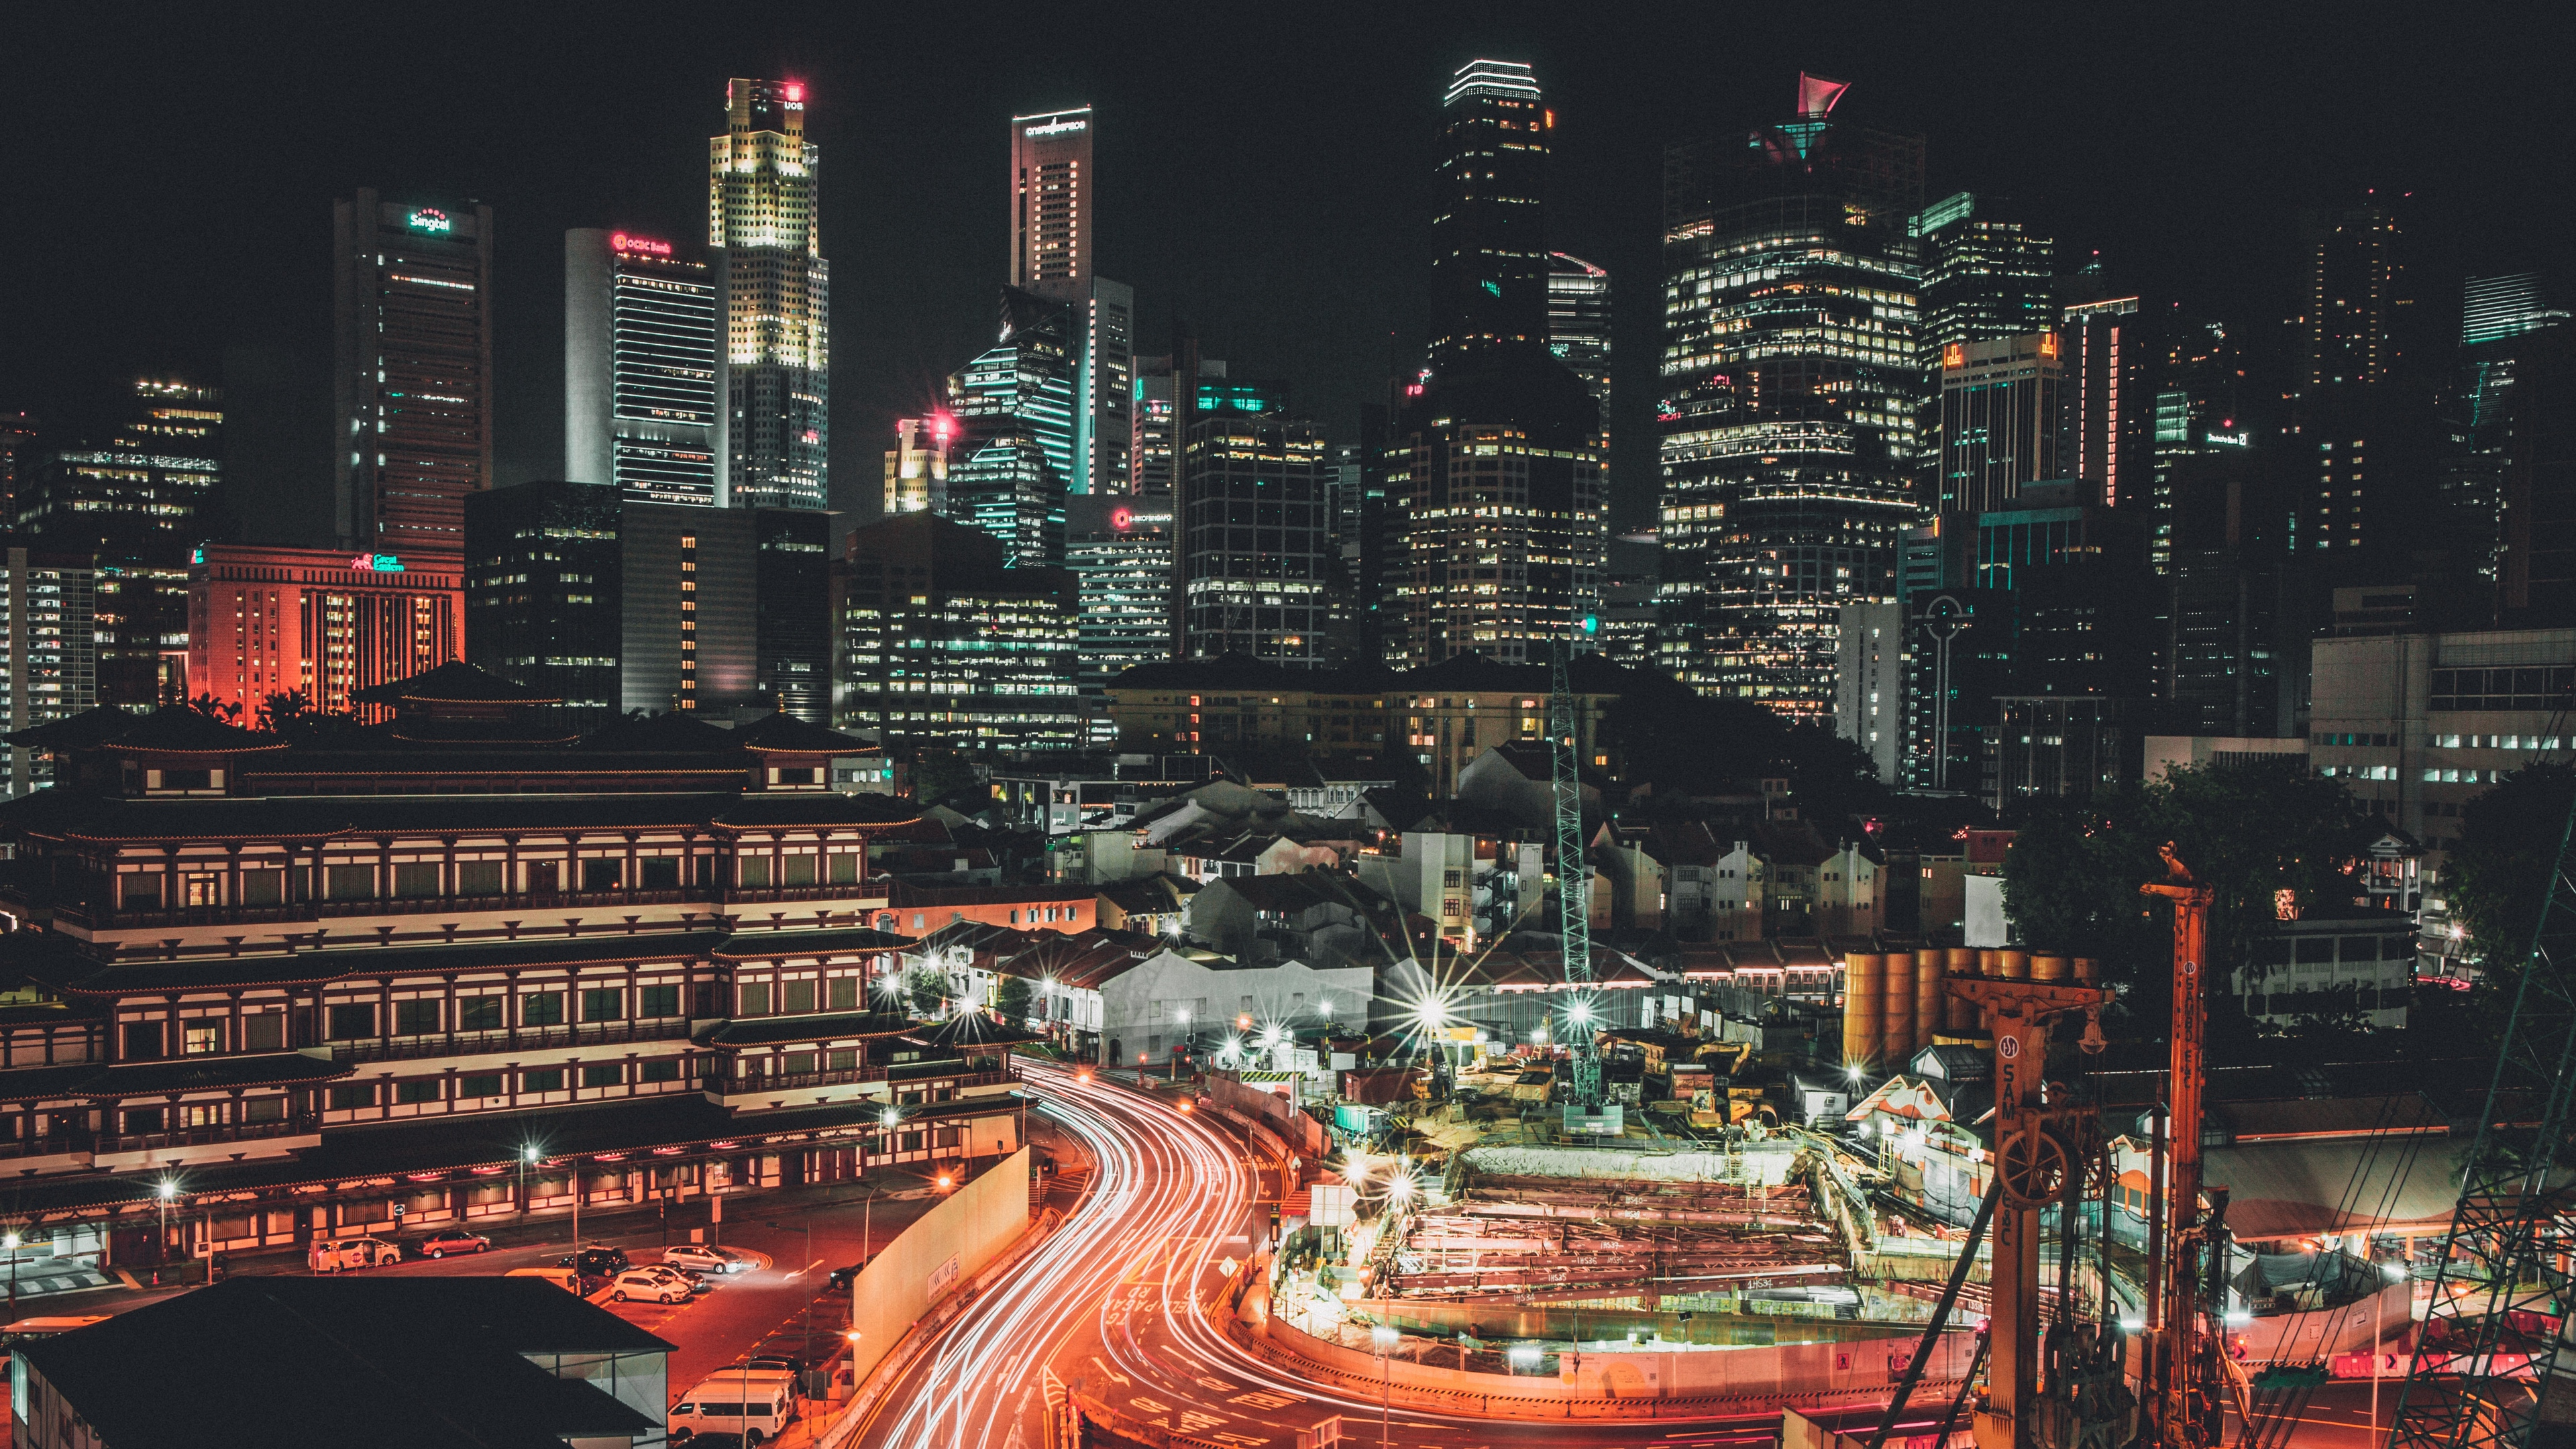 singapore night skyscrapers 4k 1538065066 - singapore, night, skyscrapers 4k - Skyscrapers, Singapore, Night